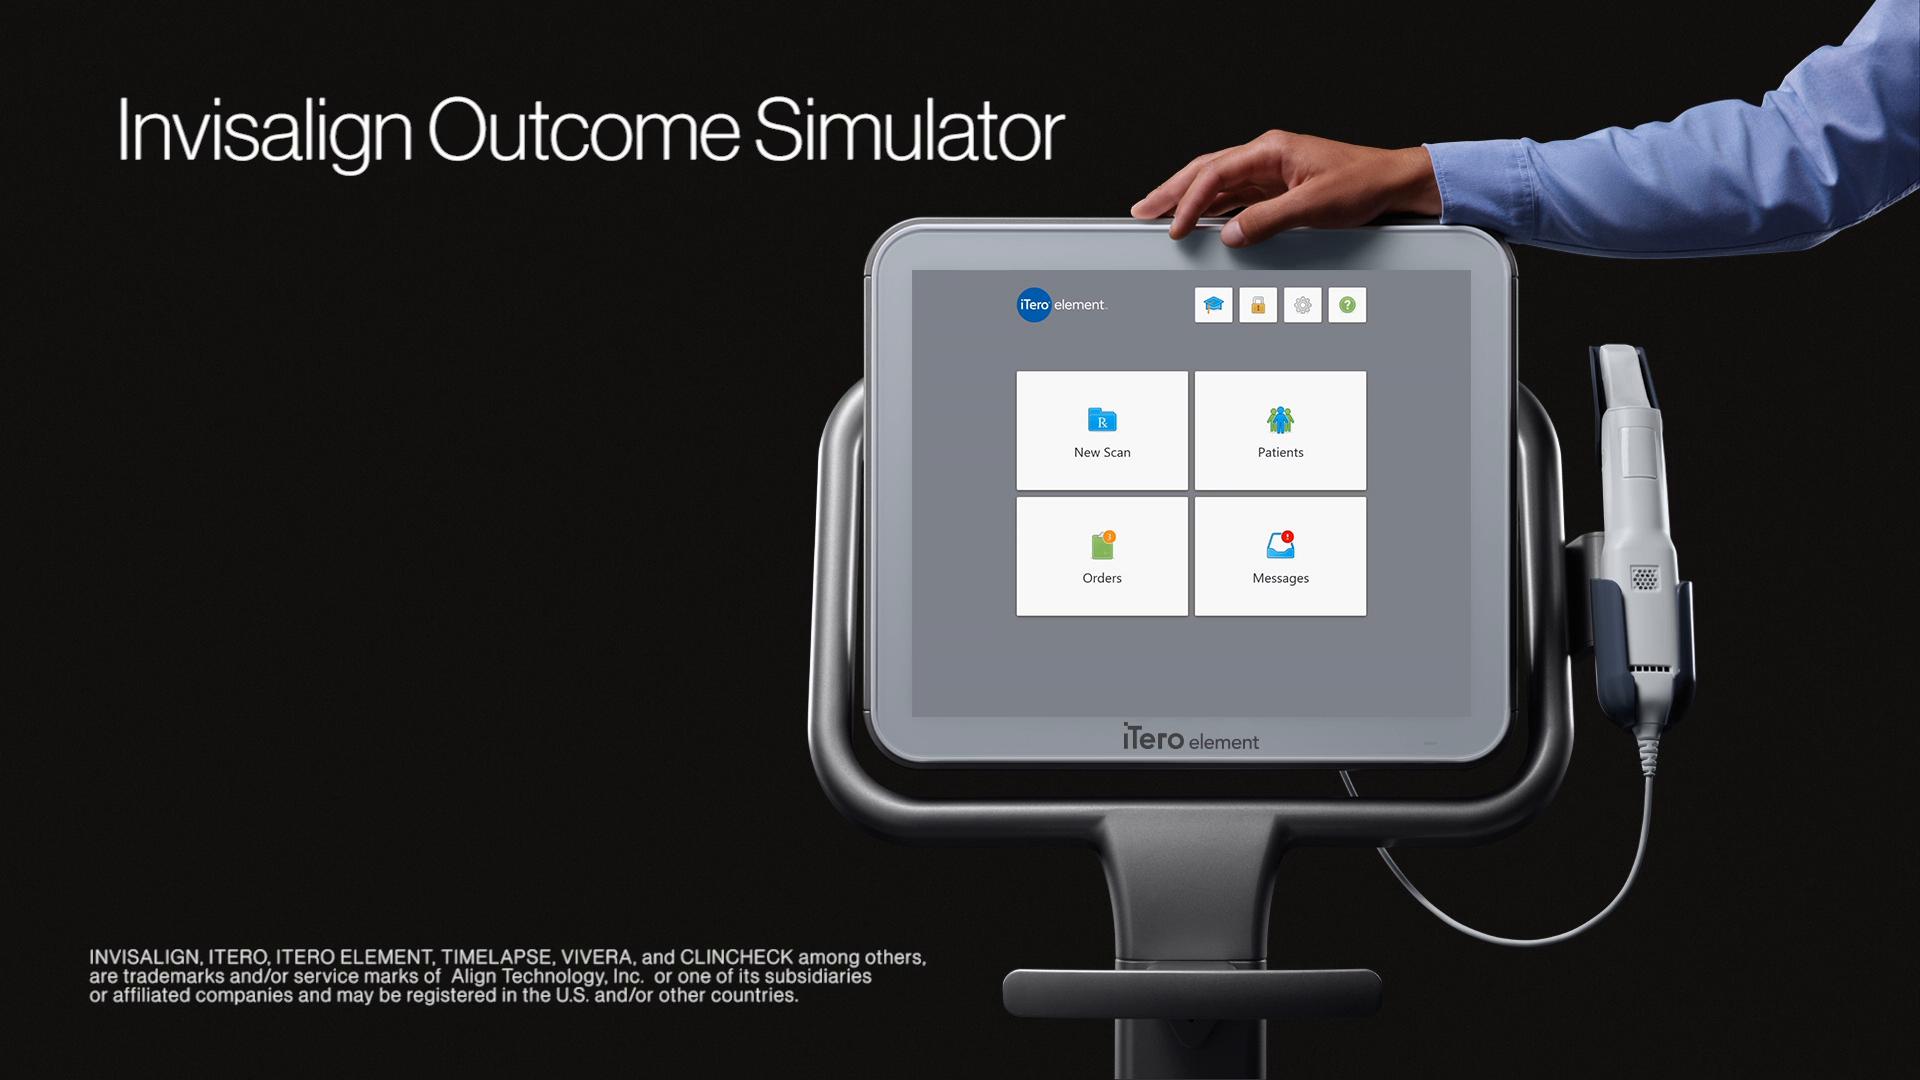 Learning Center: Invisalign Outcome Simulator